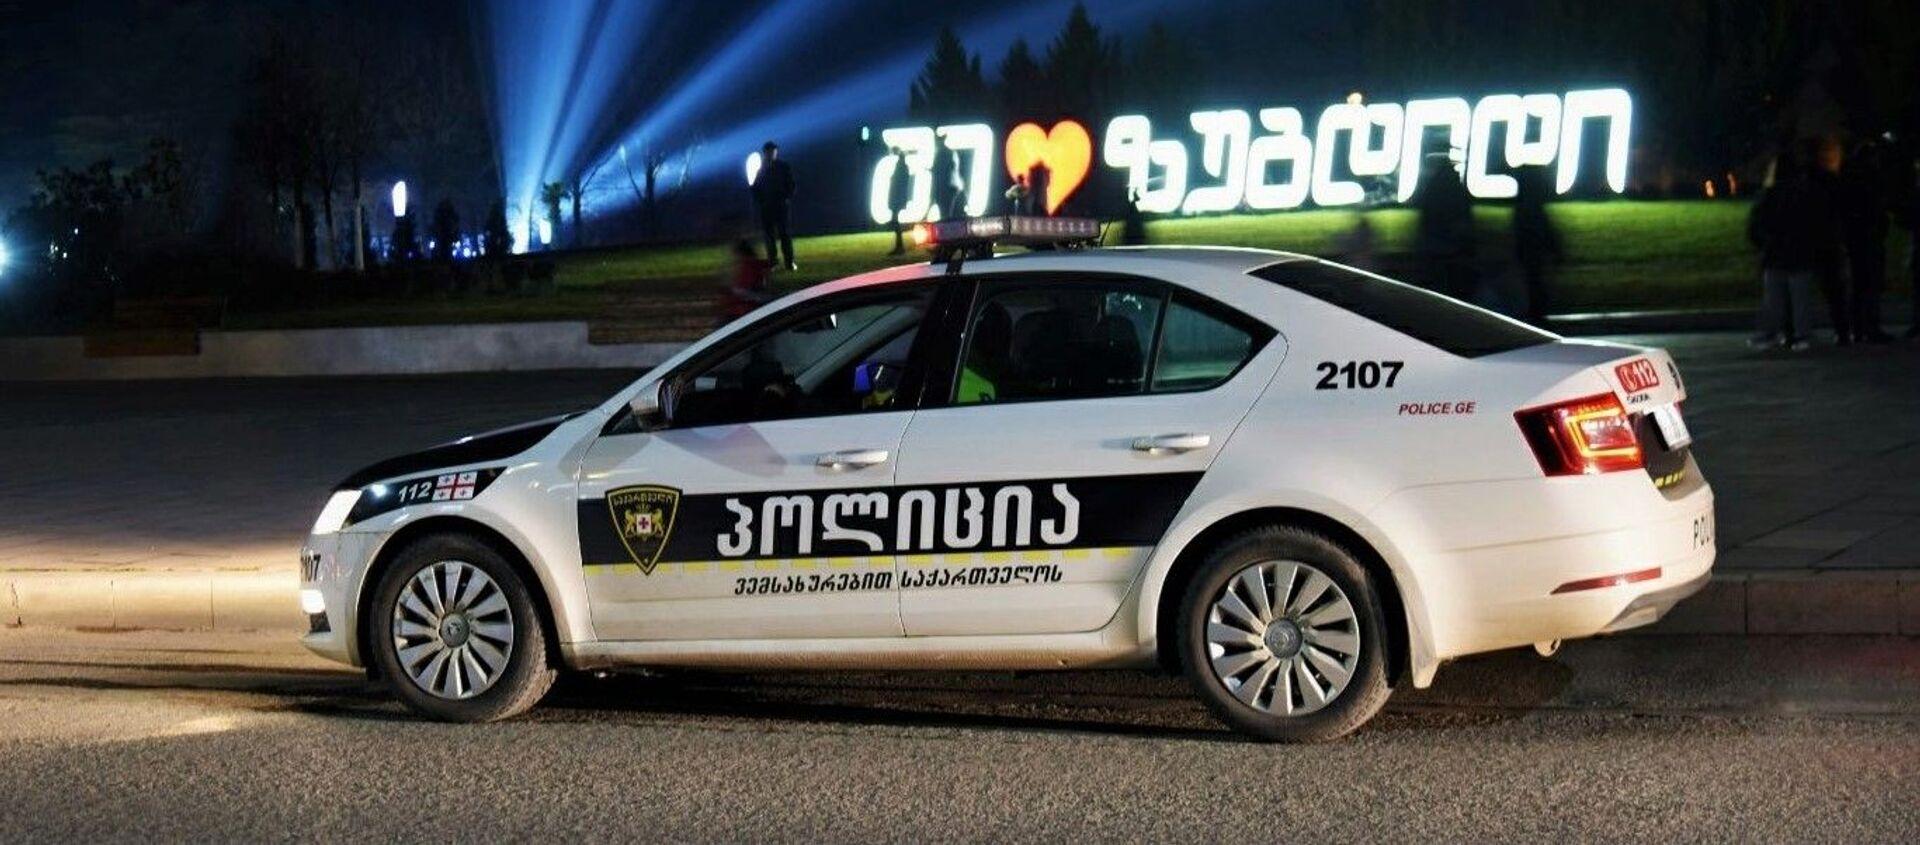 Машина патрульной полиции в Зугдиди. В Грузии борются с коронавирусом - Sputnik Արմենիա, 1920, 08.03.2021